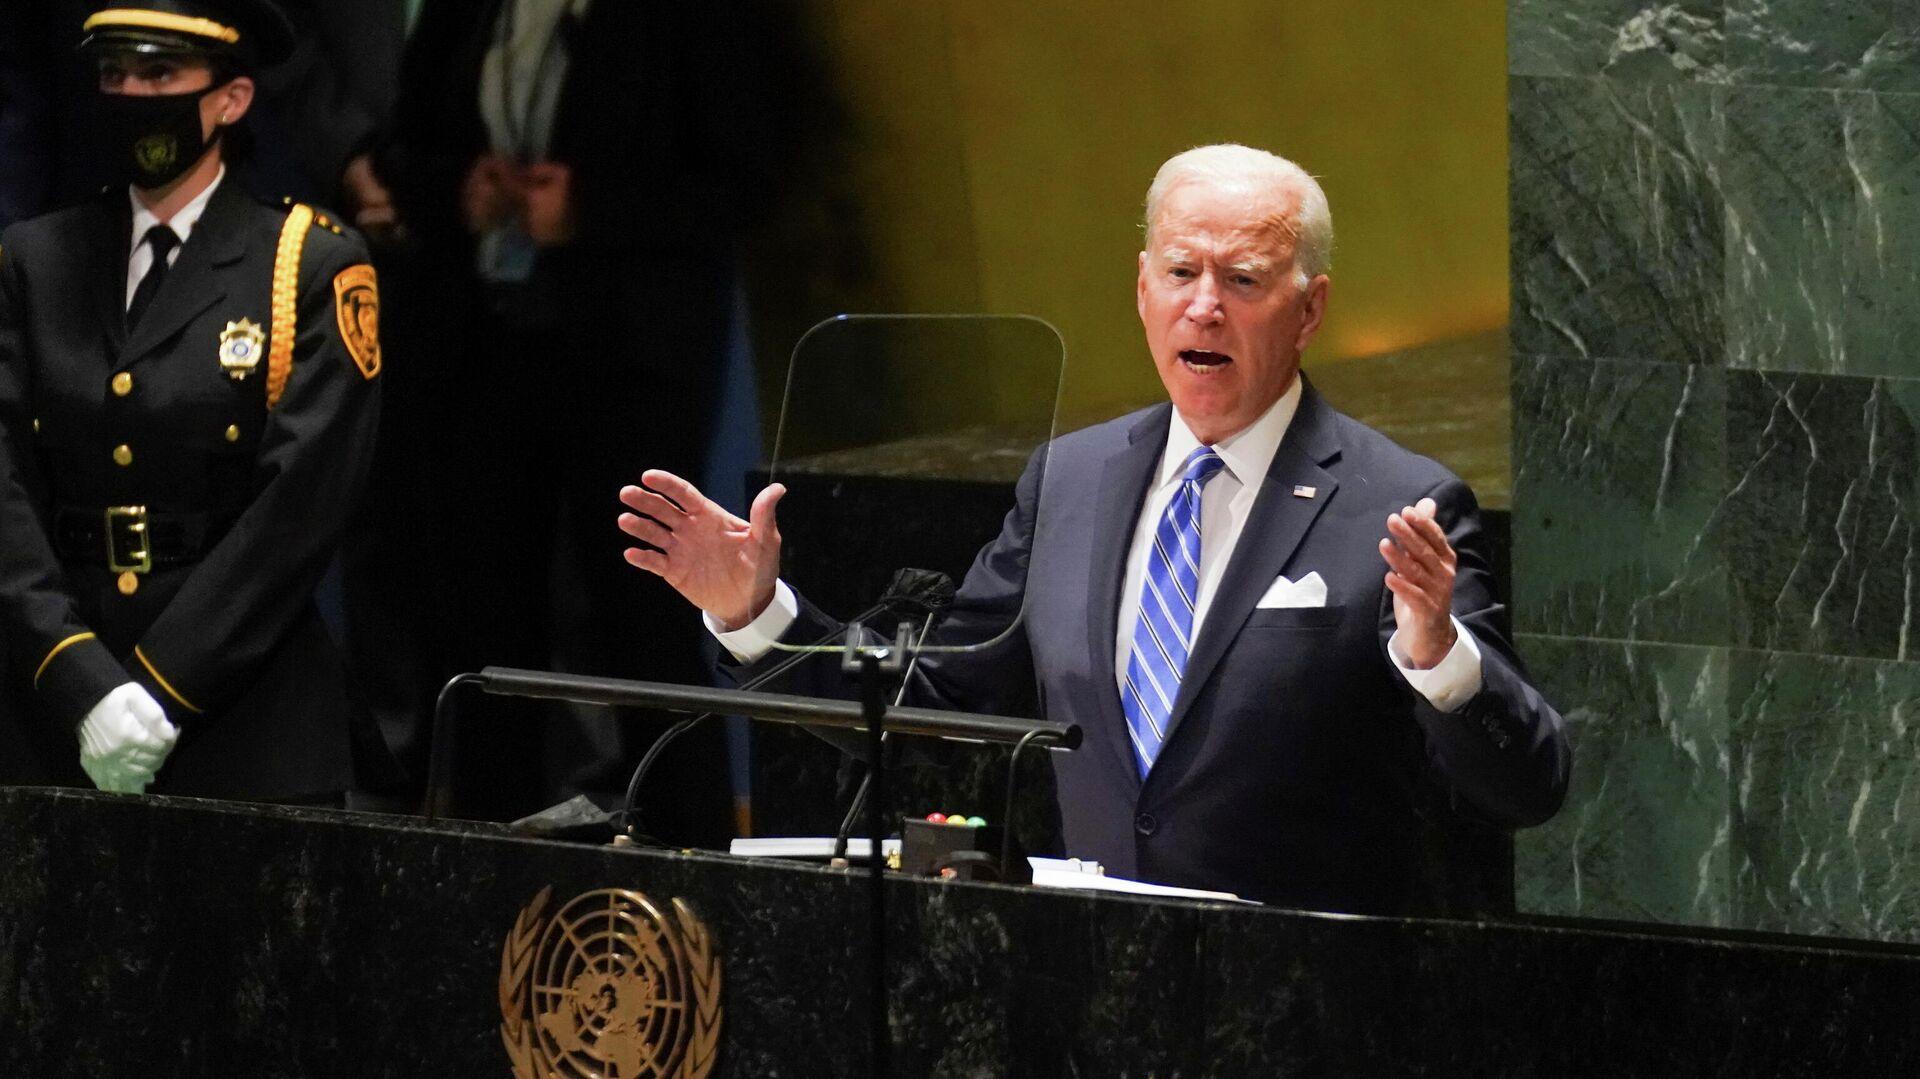 Президент США Джо Байден выступает на сессии Генеральной Ассамблеи ООН в Нью-Йорке - РИА Новости, 1920, 21.09.2021